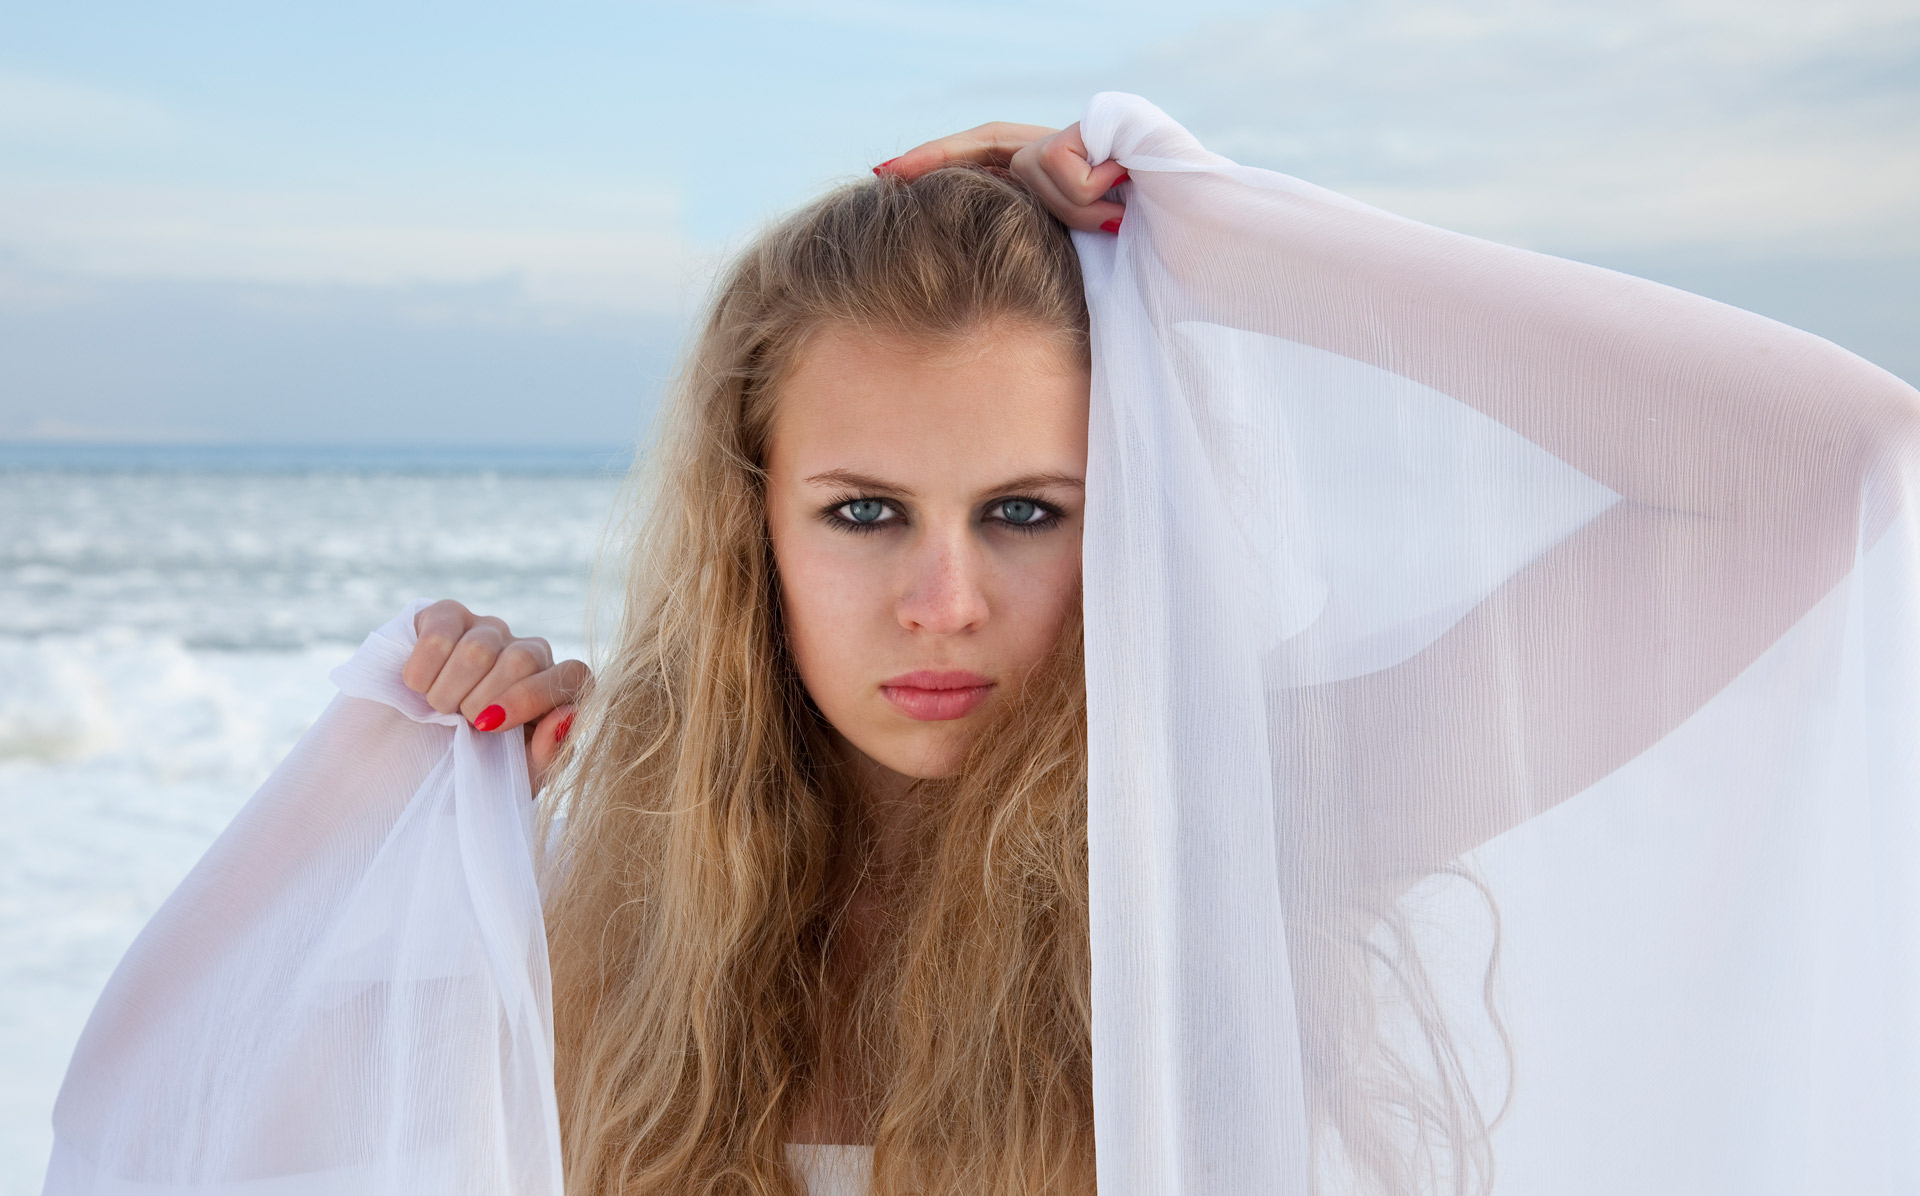 Isprinsesse-fotograferet-af-BB-Studio